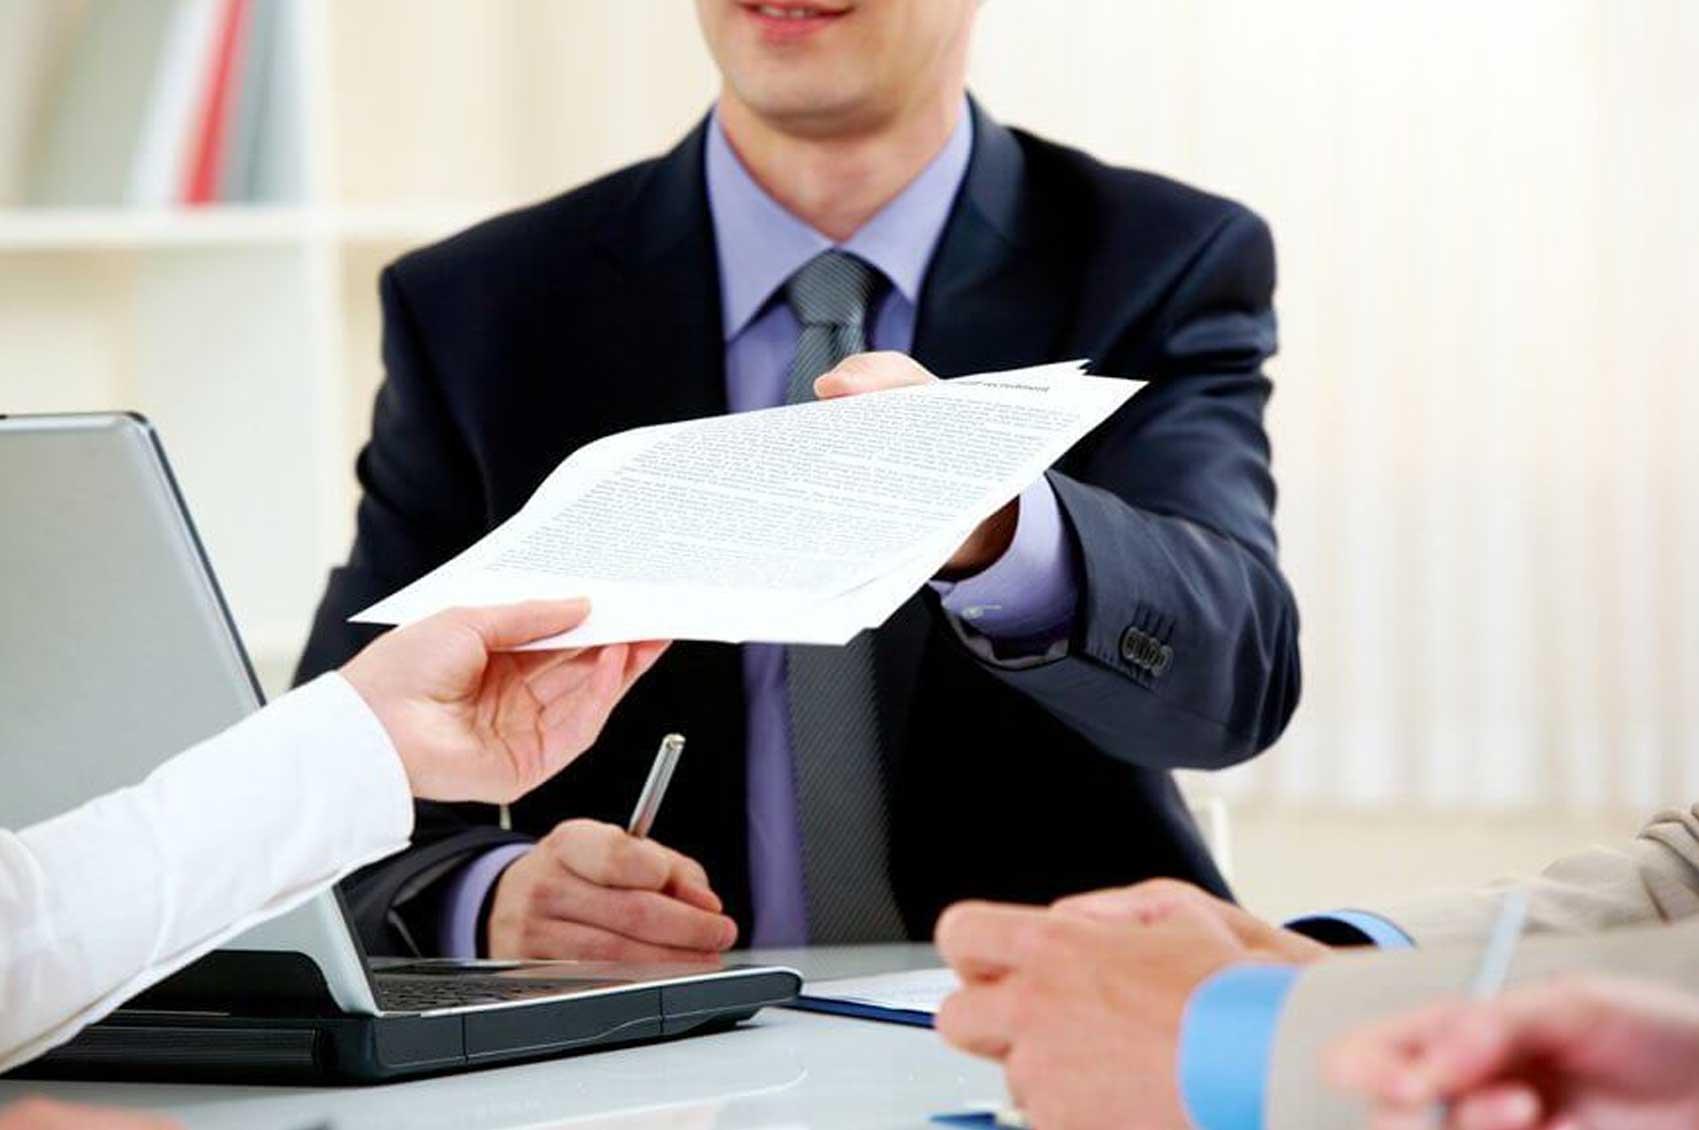 физ лицо предоставляет займ организации